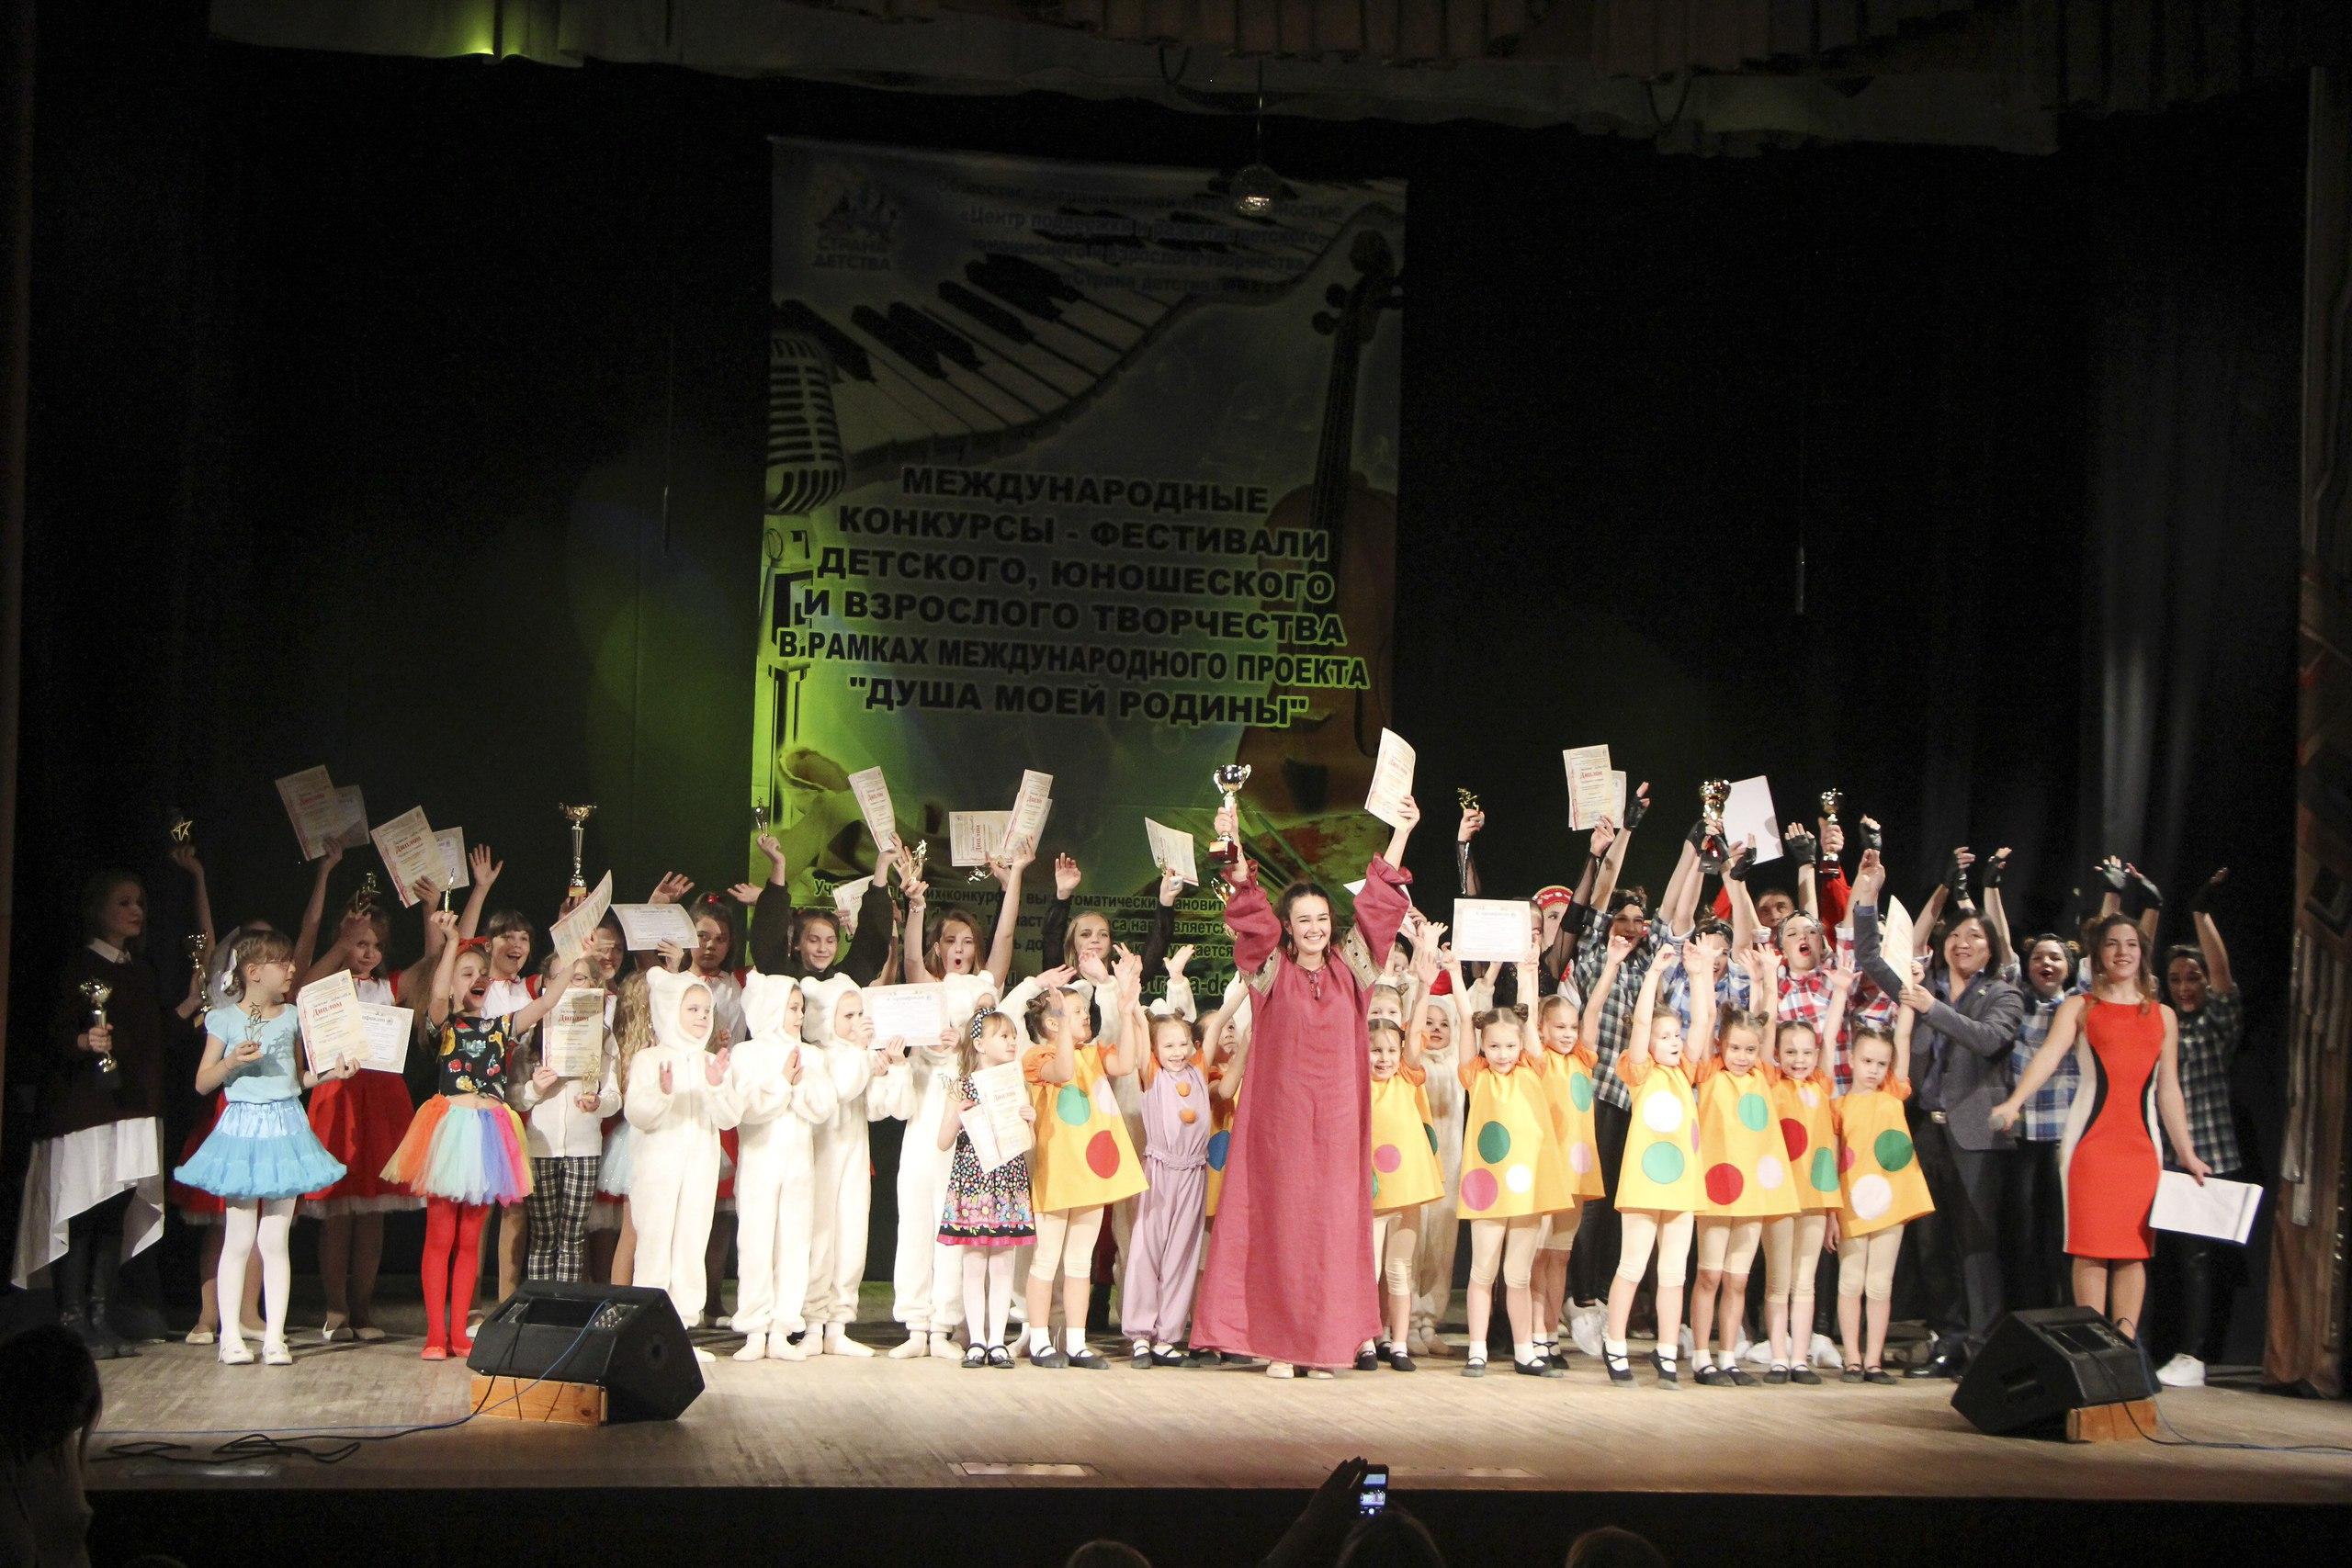 21 января 2018г. в прекрасном городе Тольятти Самарской обл. мы провели IV Международный конкурс-фестиваль детского, юношеского и взрослого творчества